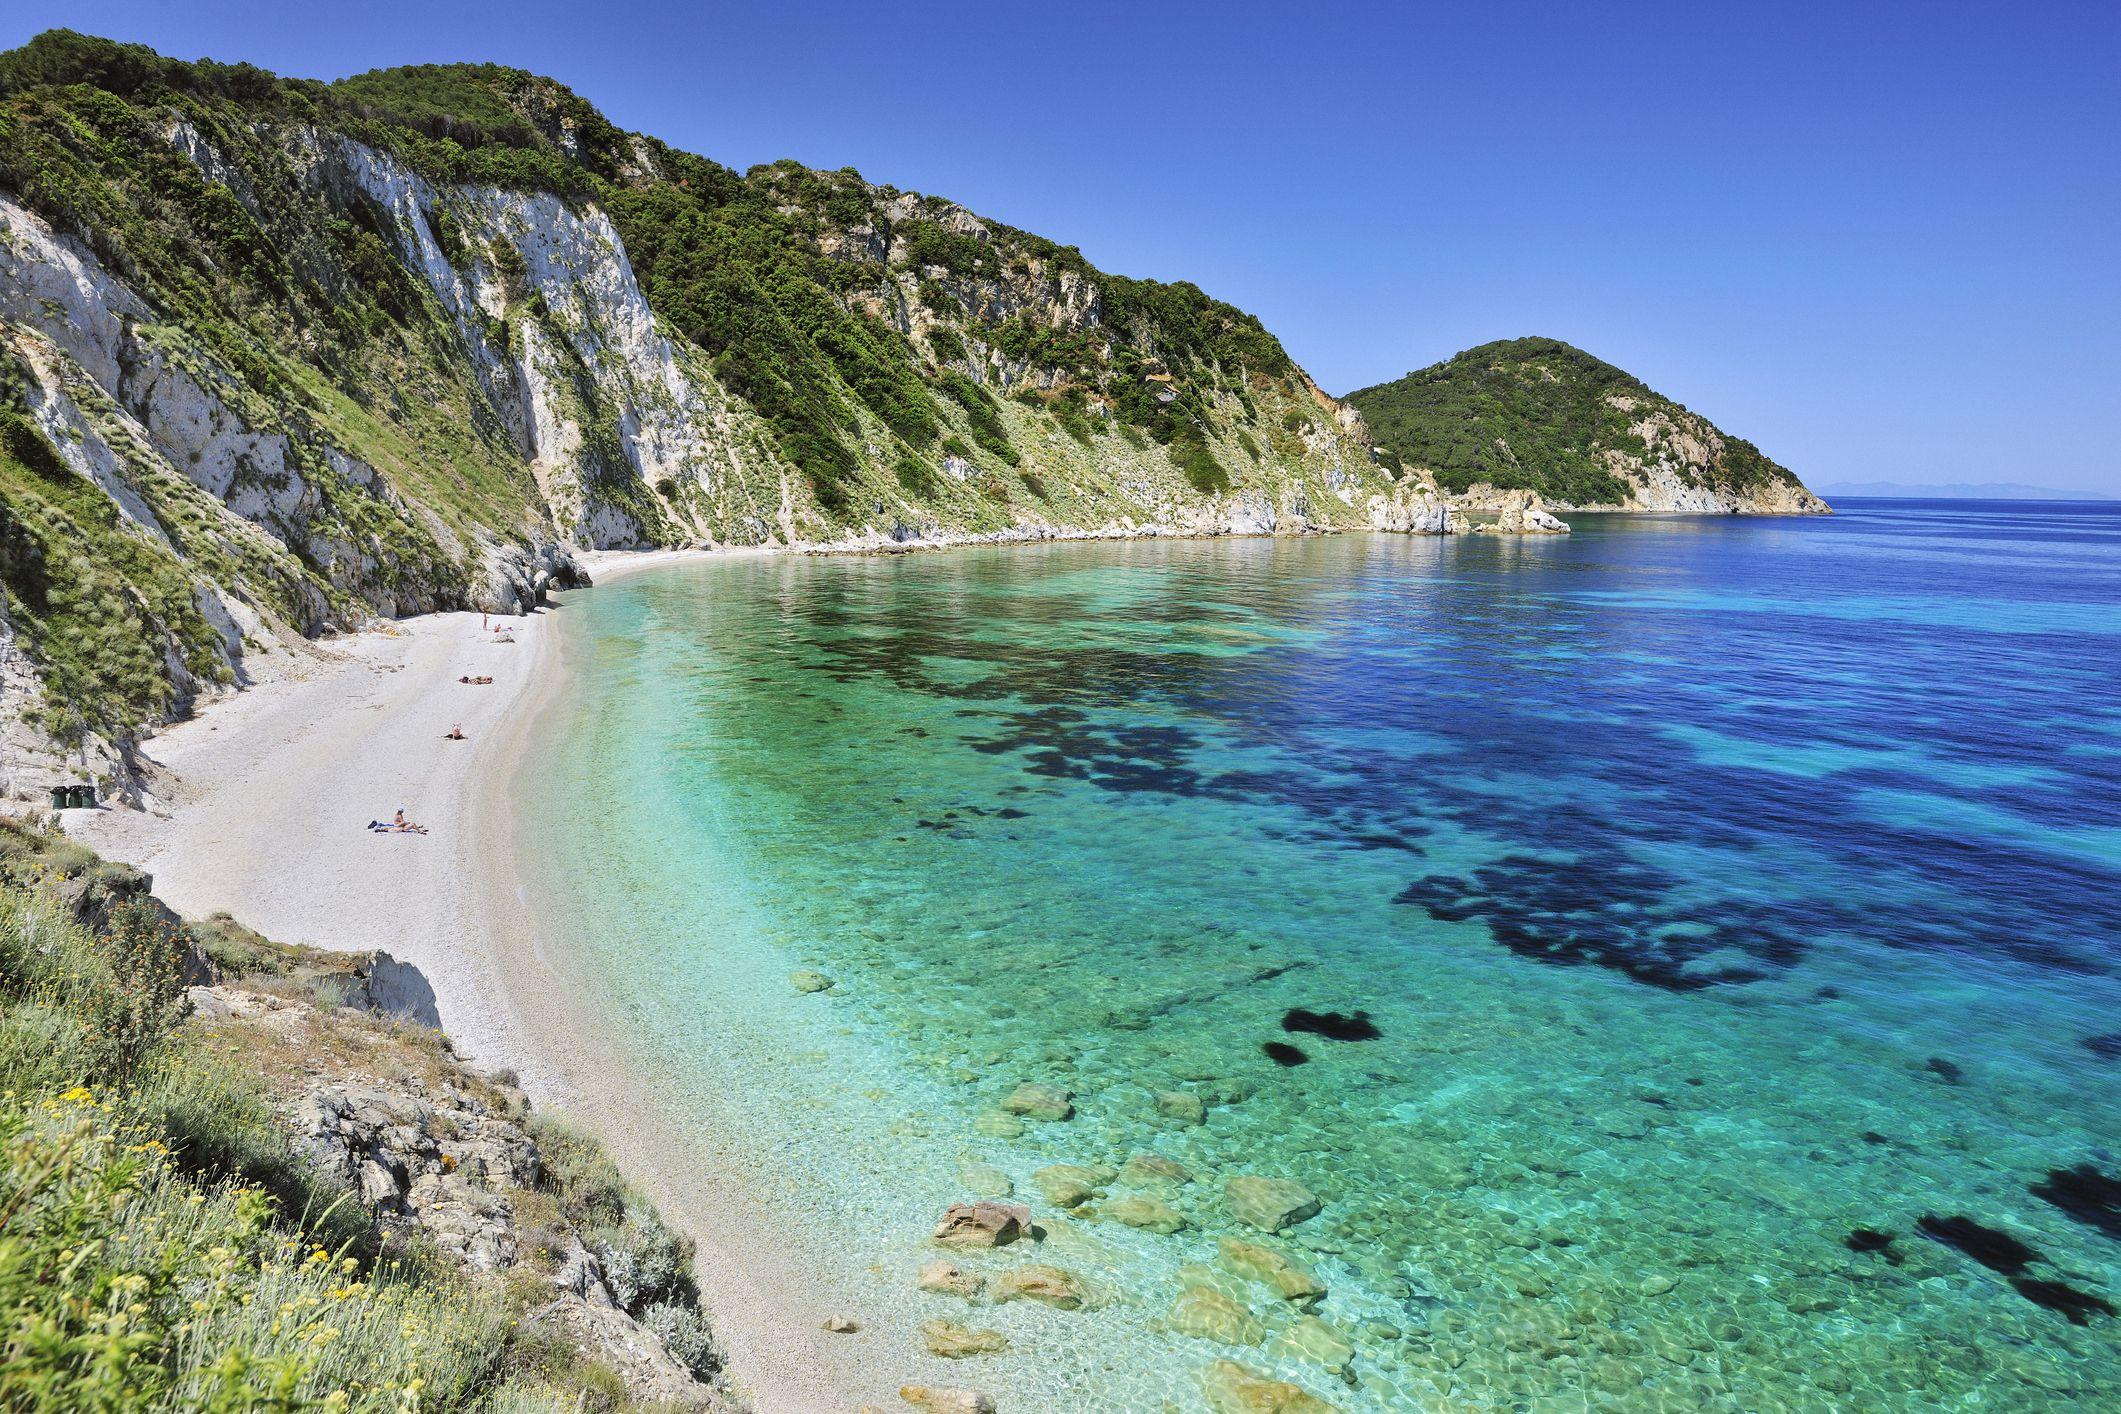 Cartina Elba Spiagge.Le 10 Spiagge Dell Isola D Elba Piu Belle